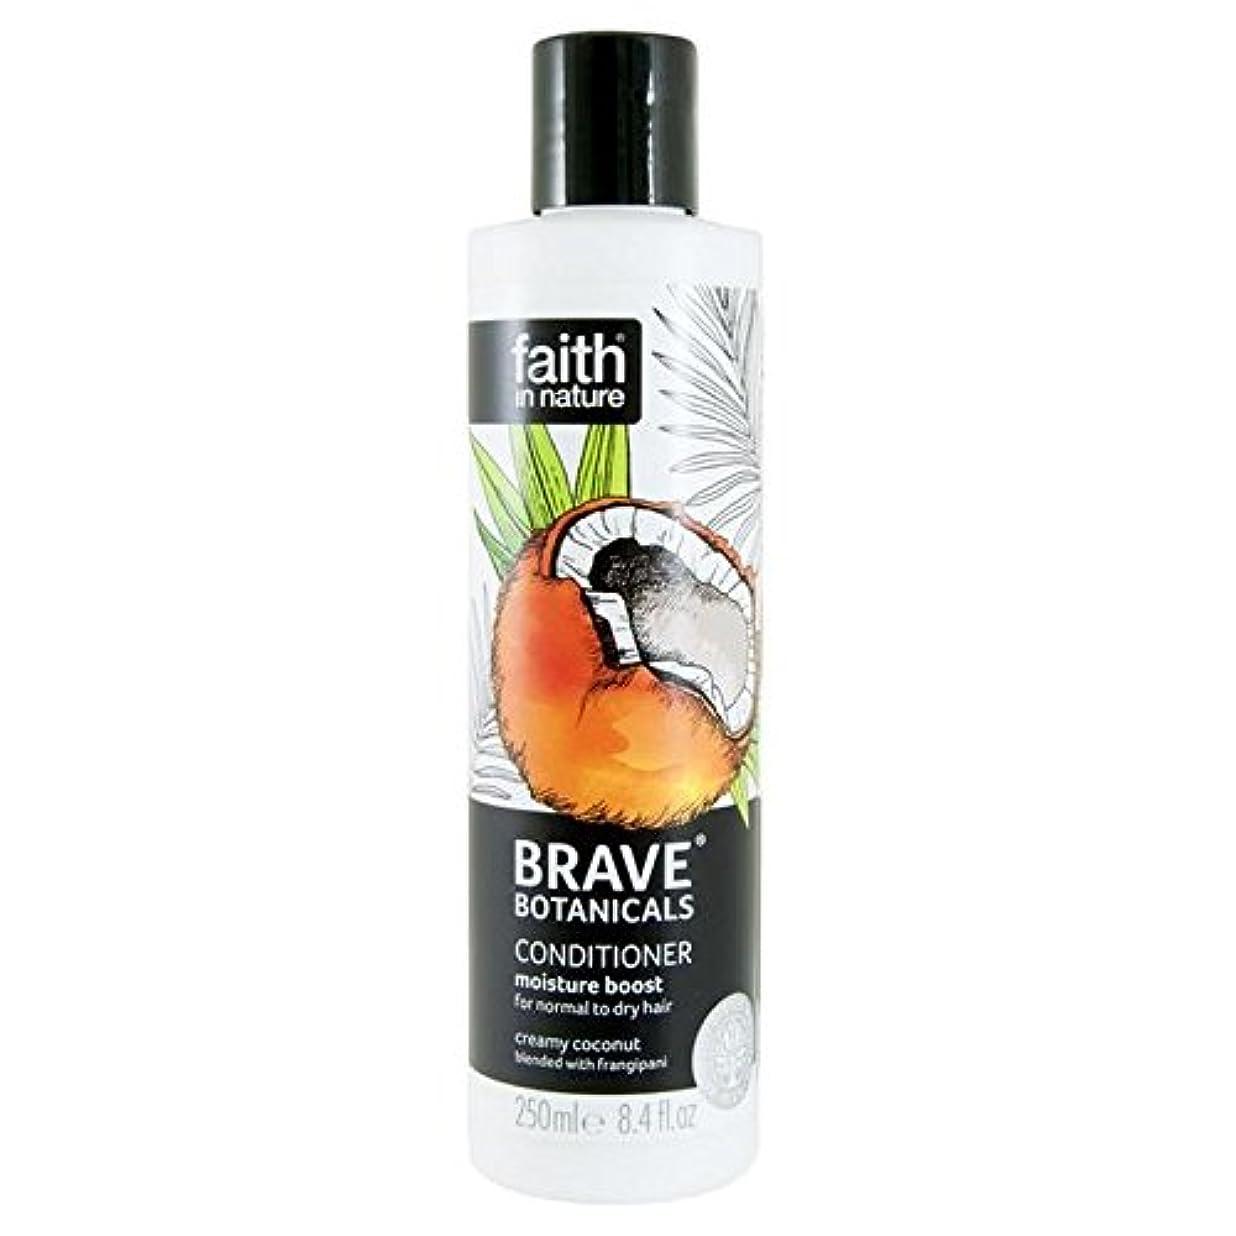 着陸誰政治家Brave Botanicals Coconut & Frangipani Moisture Boost Conditioner 250ml (Pack of 4) - (Faith In Nature) 勇敢な植物ココナッツ...